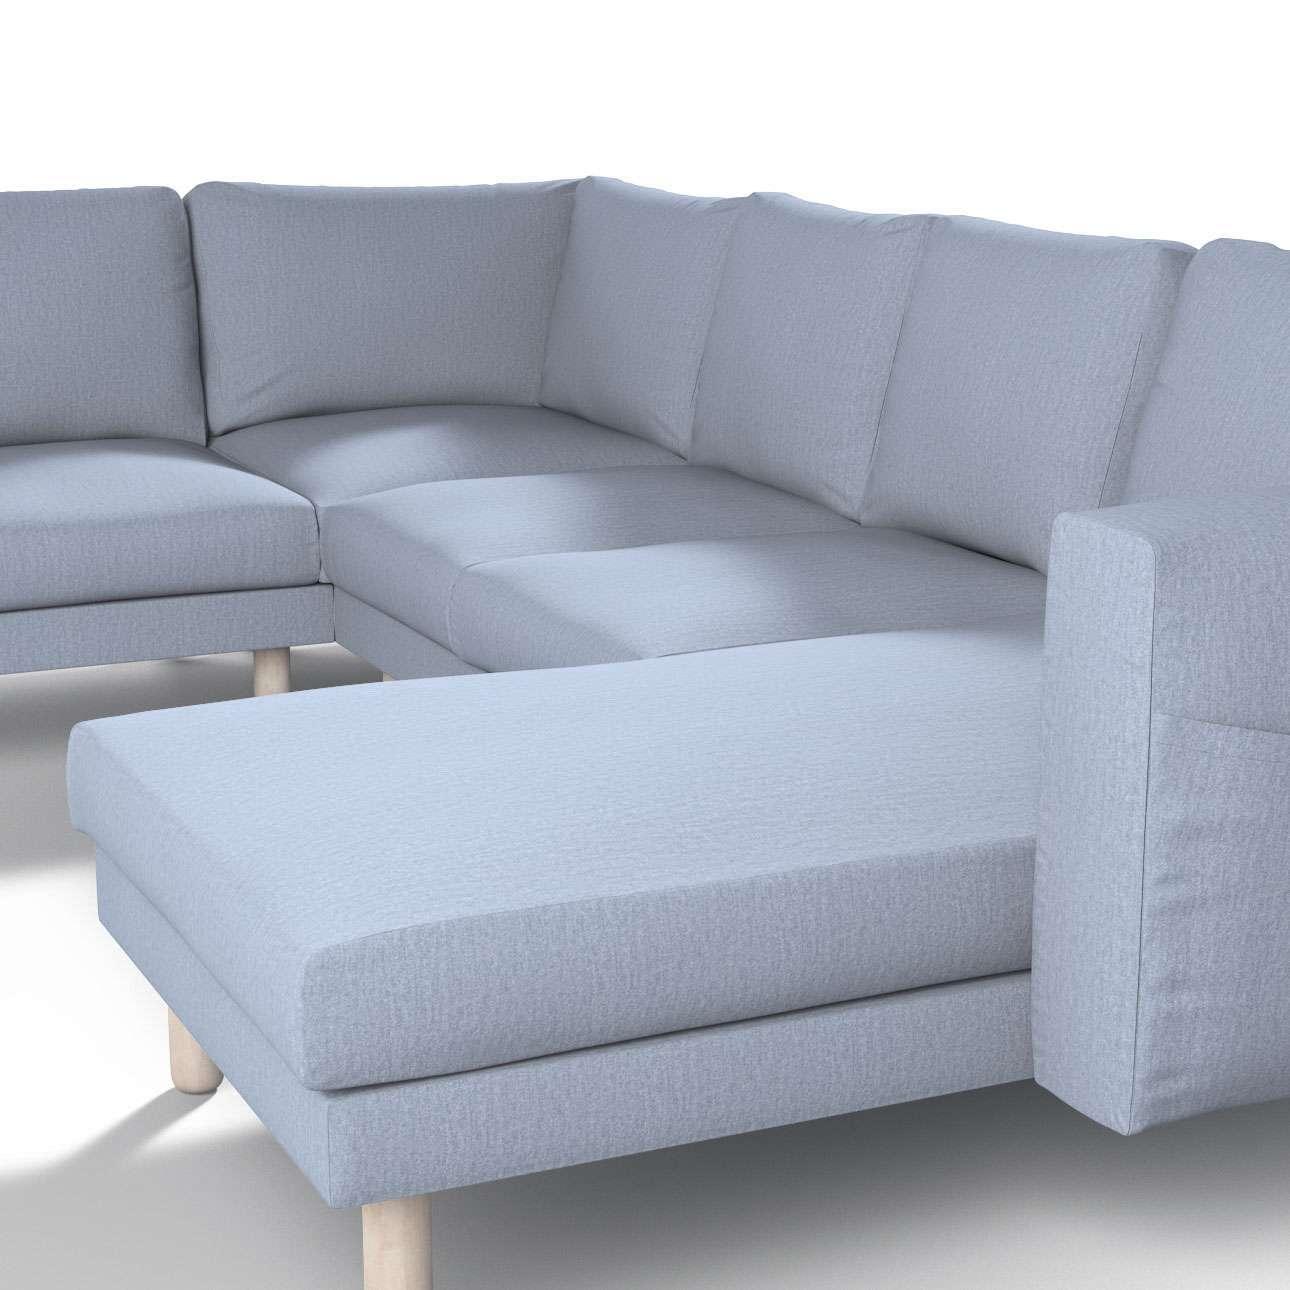 Pokrowiec na sofę narożną Norsborg 5-osobową z szezlongiem w kolekcji Chenille, tkanina: 702-13